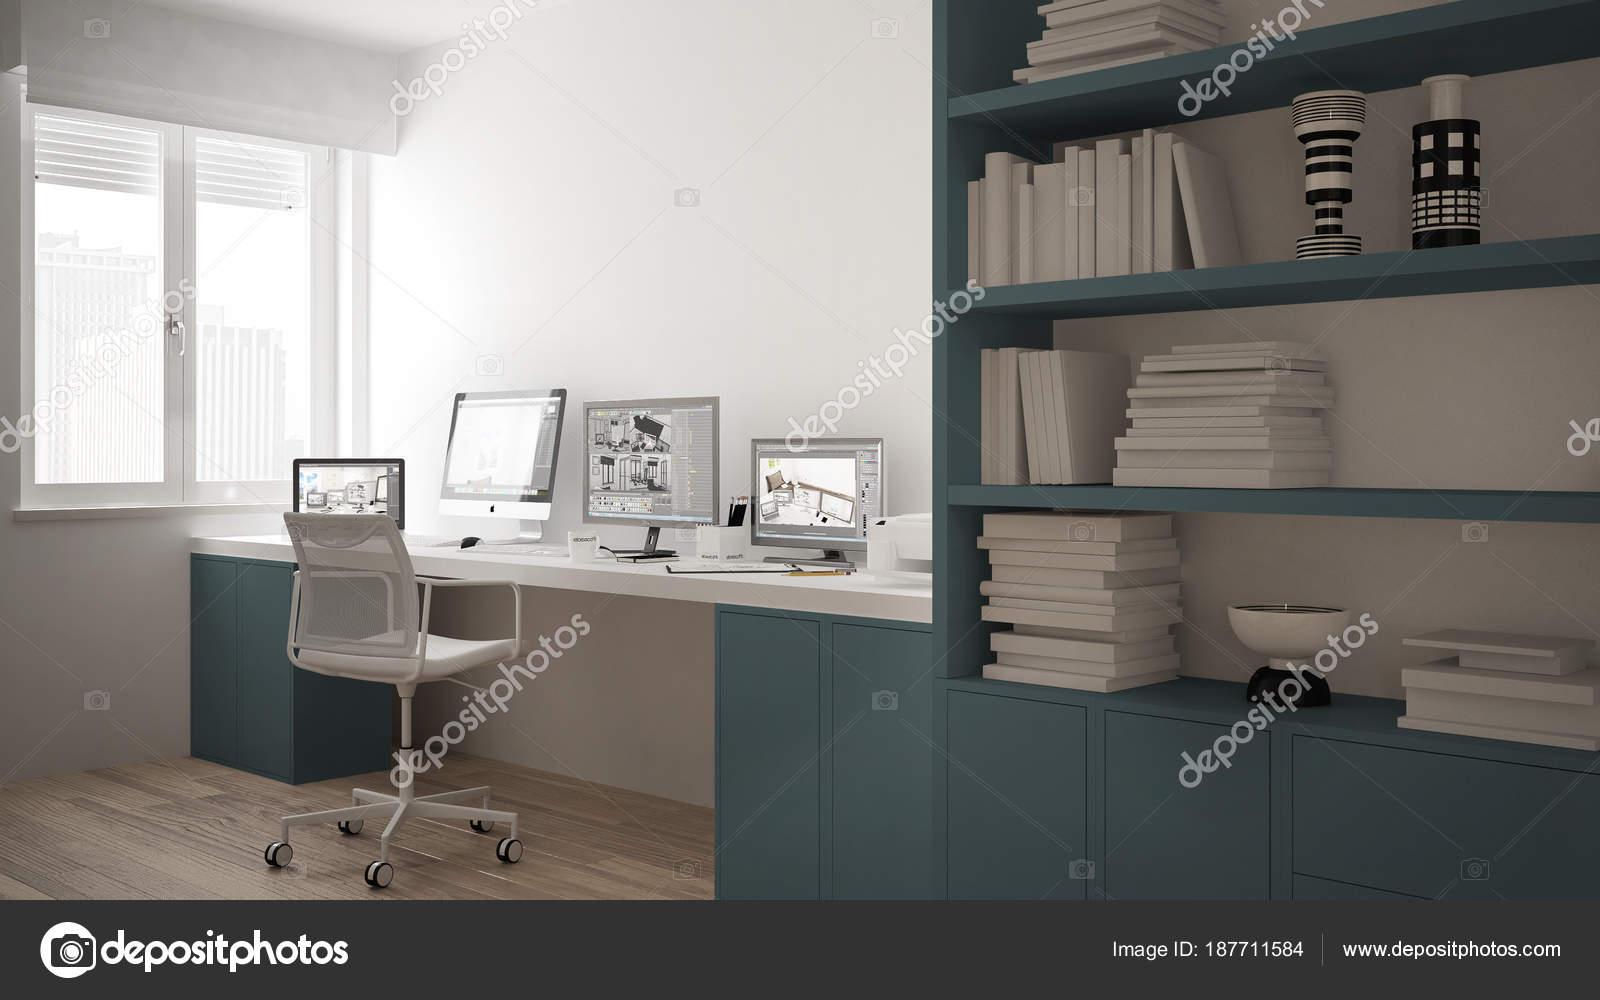 Moderner Arbeitsplatz In Minimalistischen Haus, Schreibtisch Mit Computer,  Großes Bücherregal, Gemütliche Weißen Und